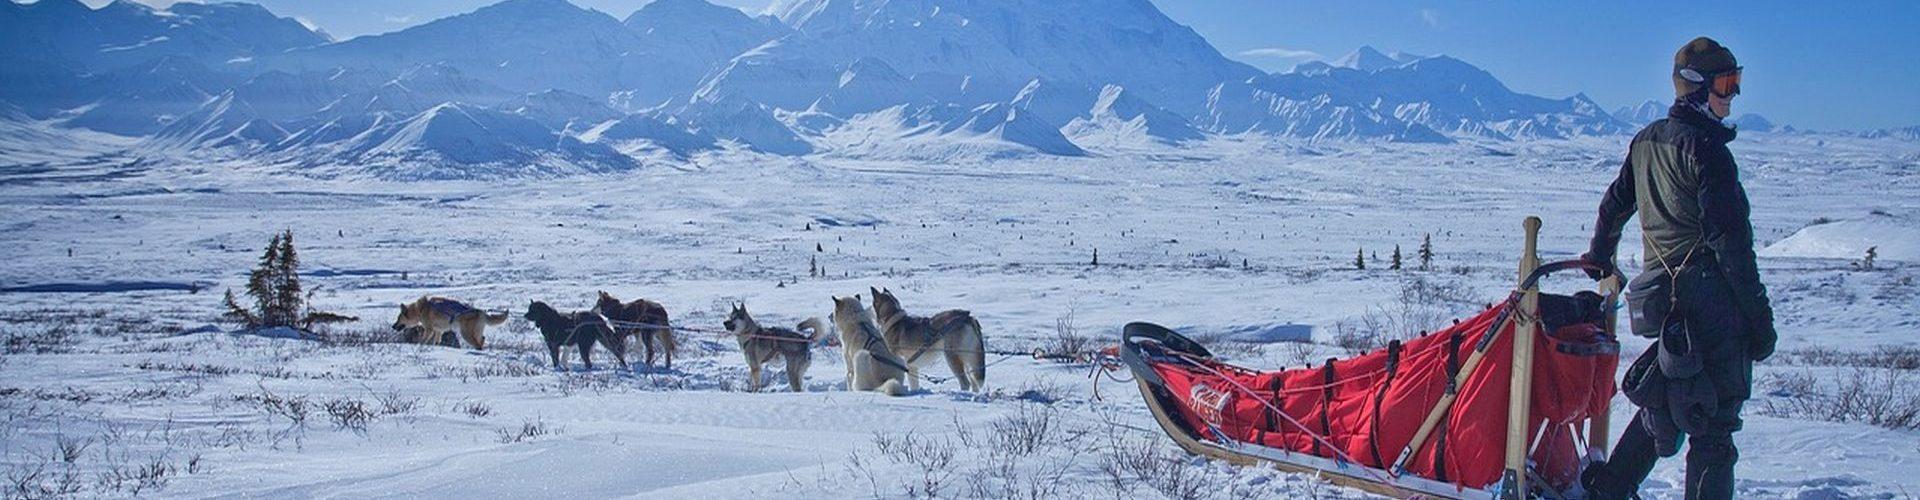 מזחלות כלבים באלסקה